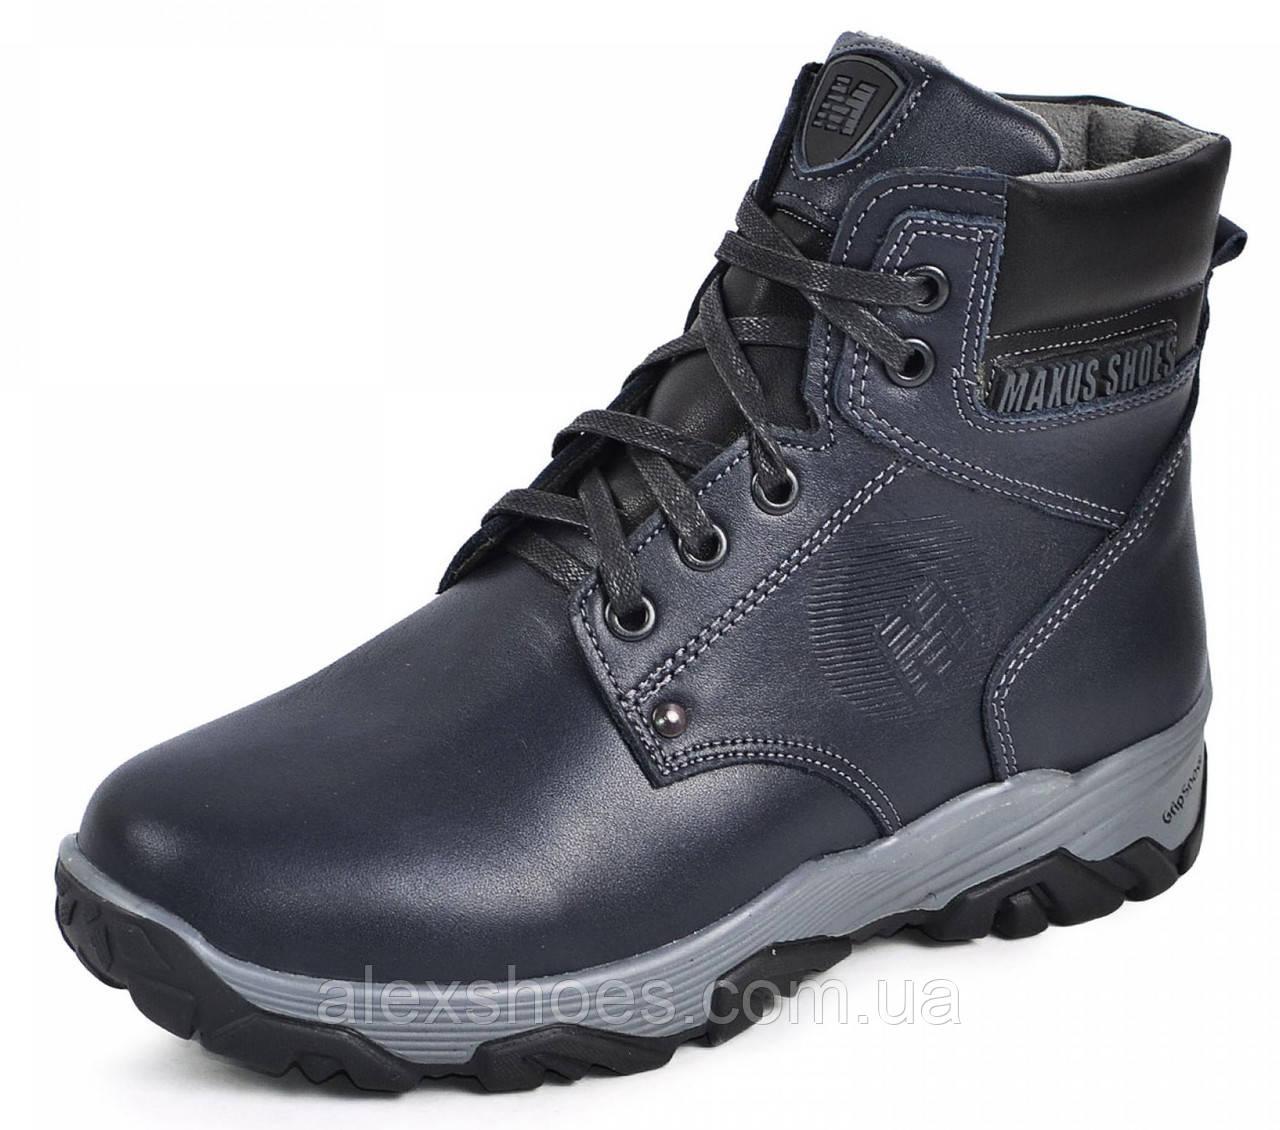 Ботинки подростковые из натуральной кожи от производителя модель МАК106